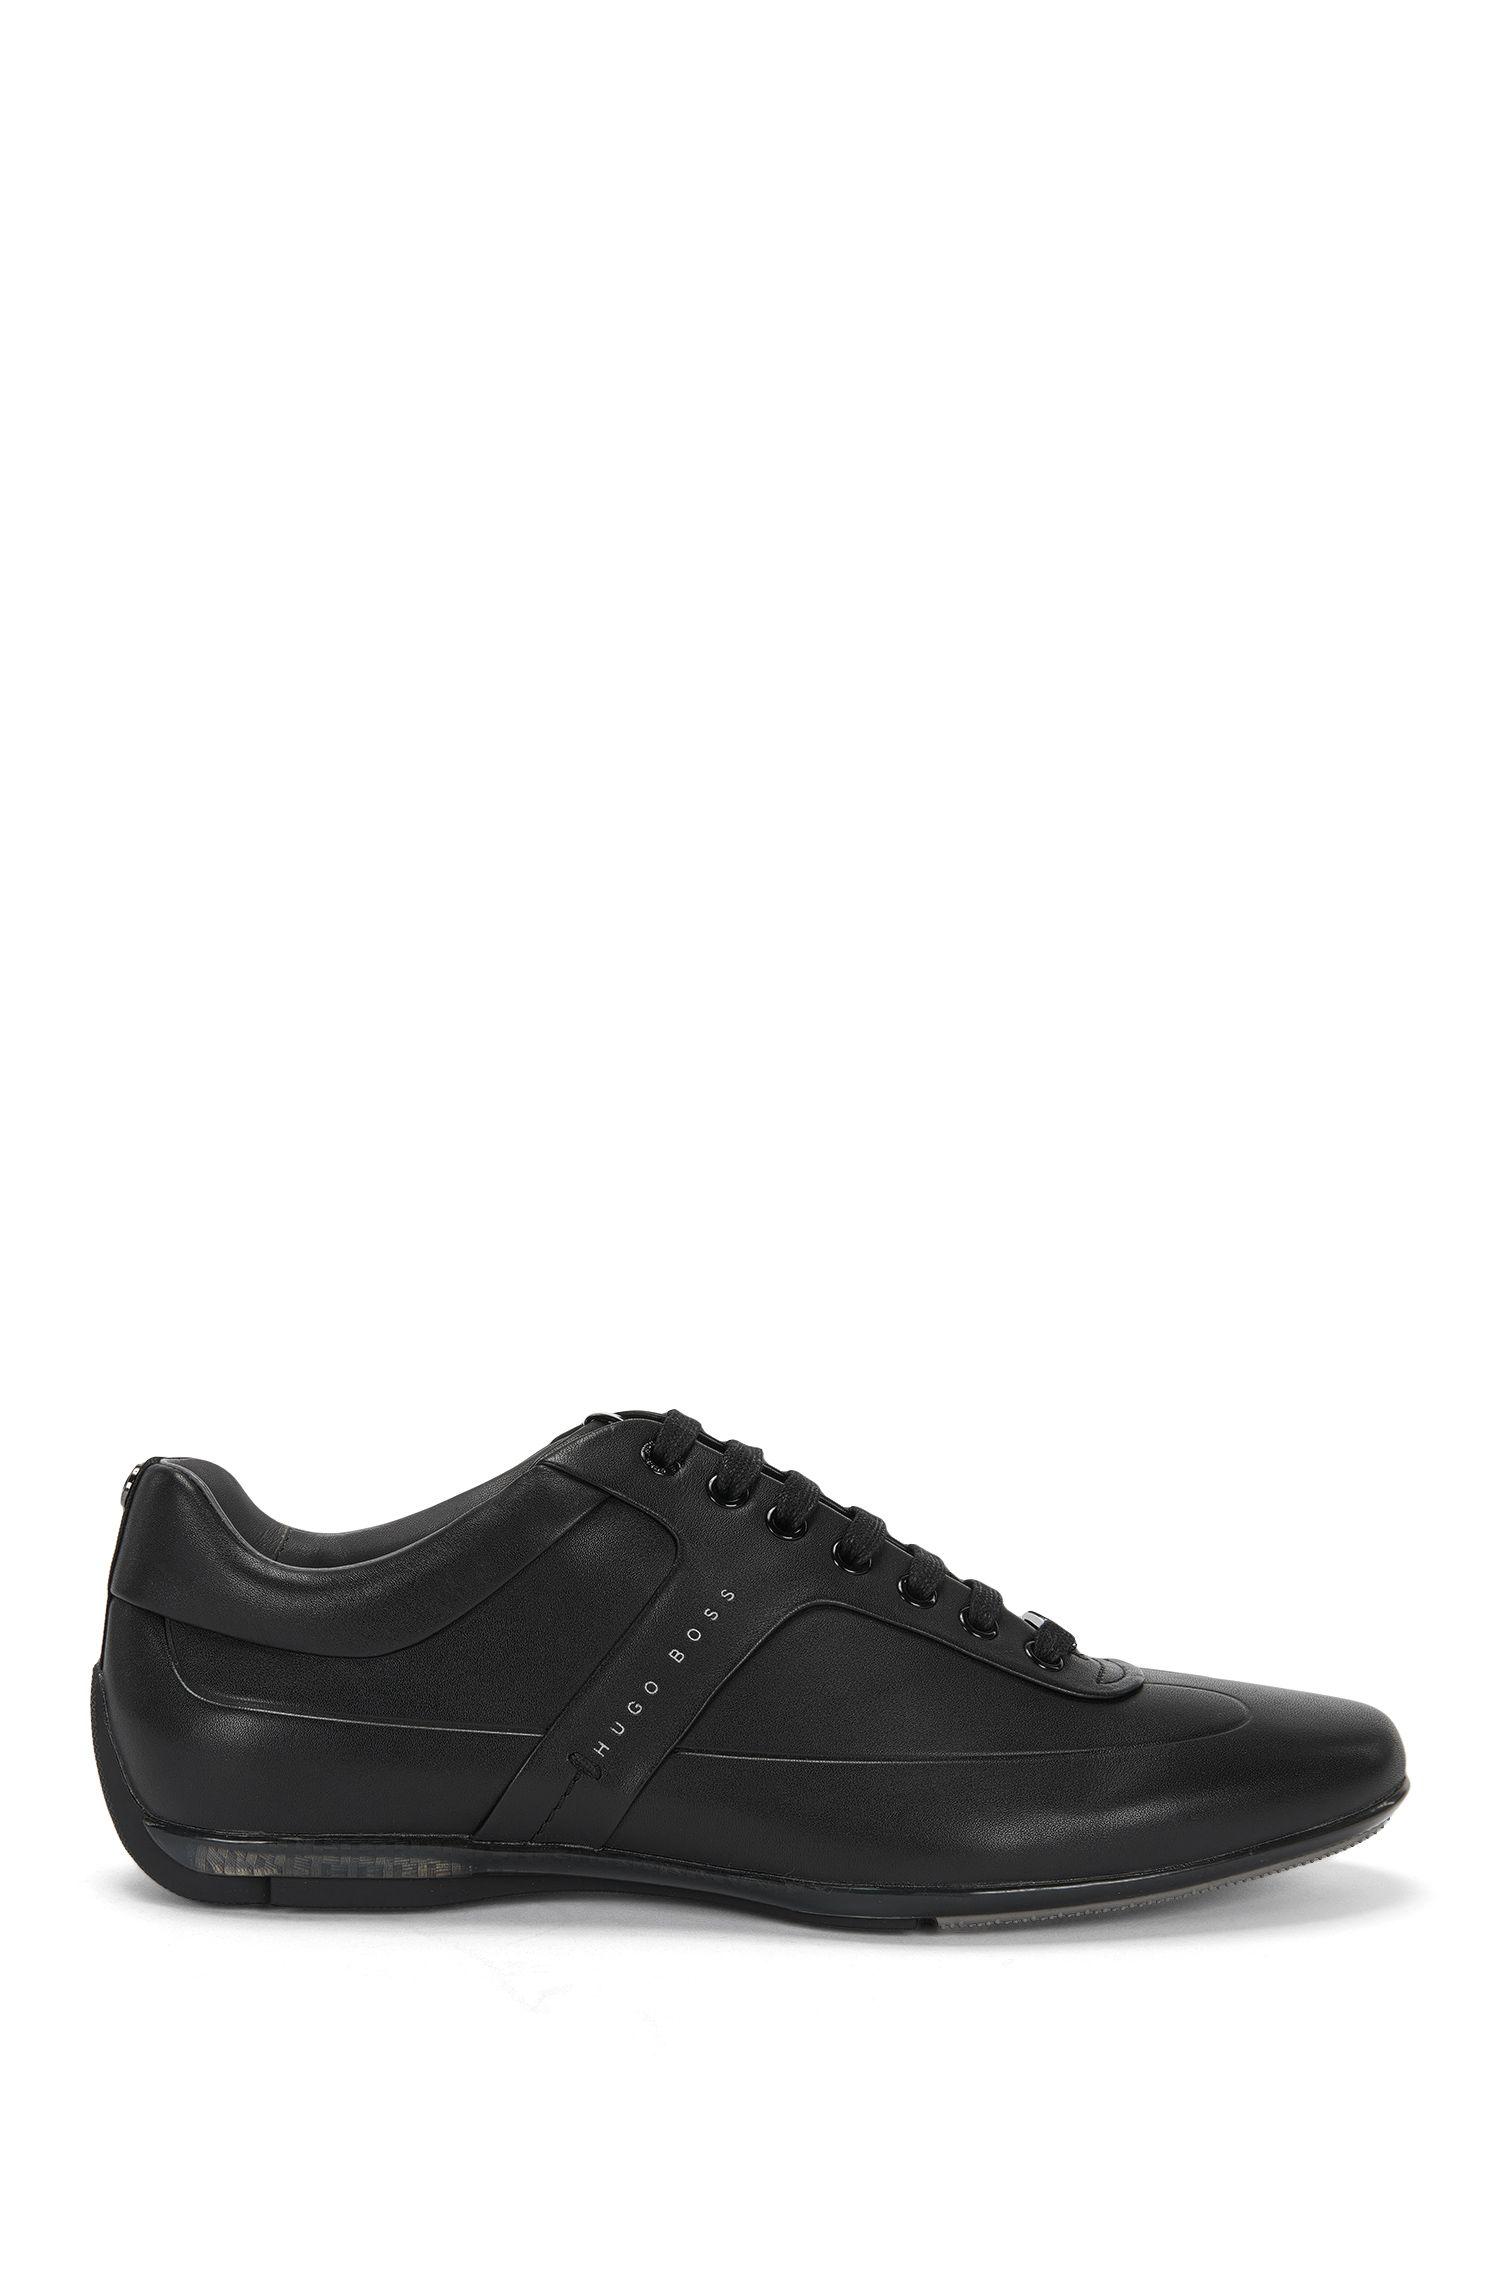 Leder-Sneakers: 'Sporty_Lowp_lthf' aus der Mercedes Benz-Kollektion